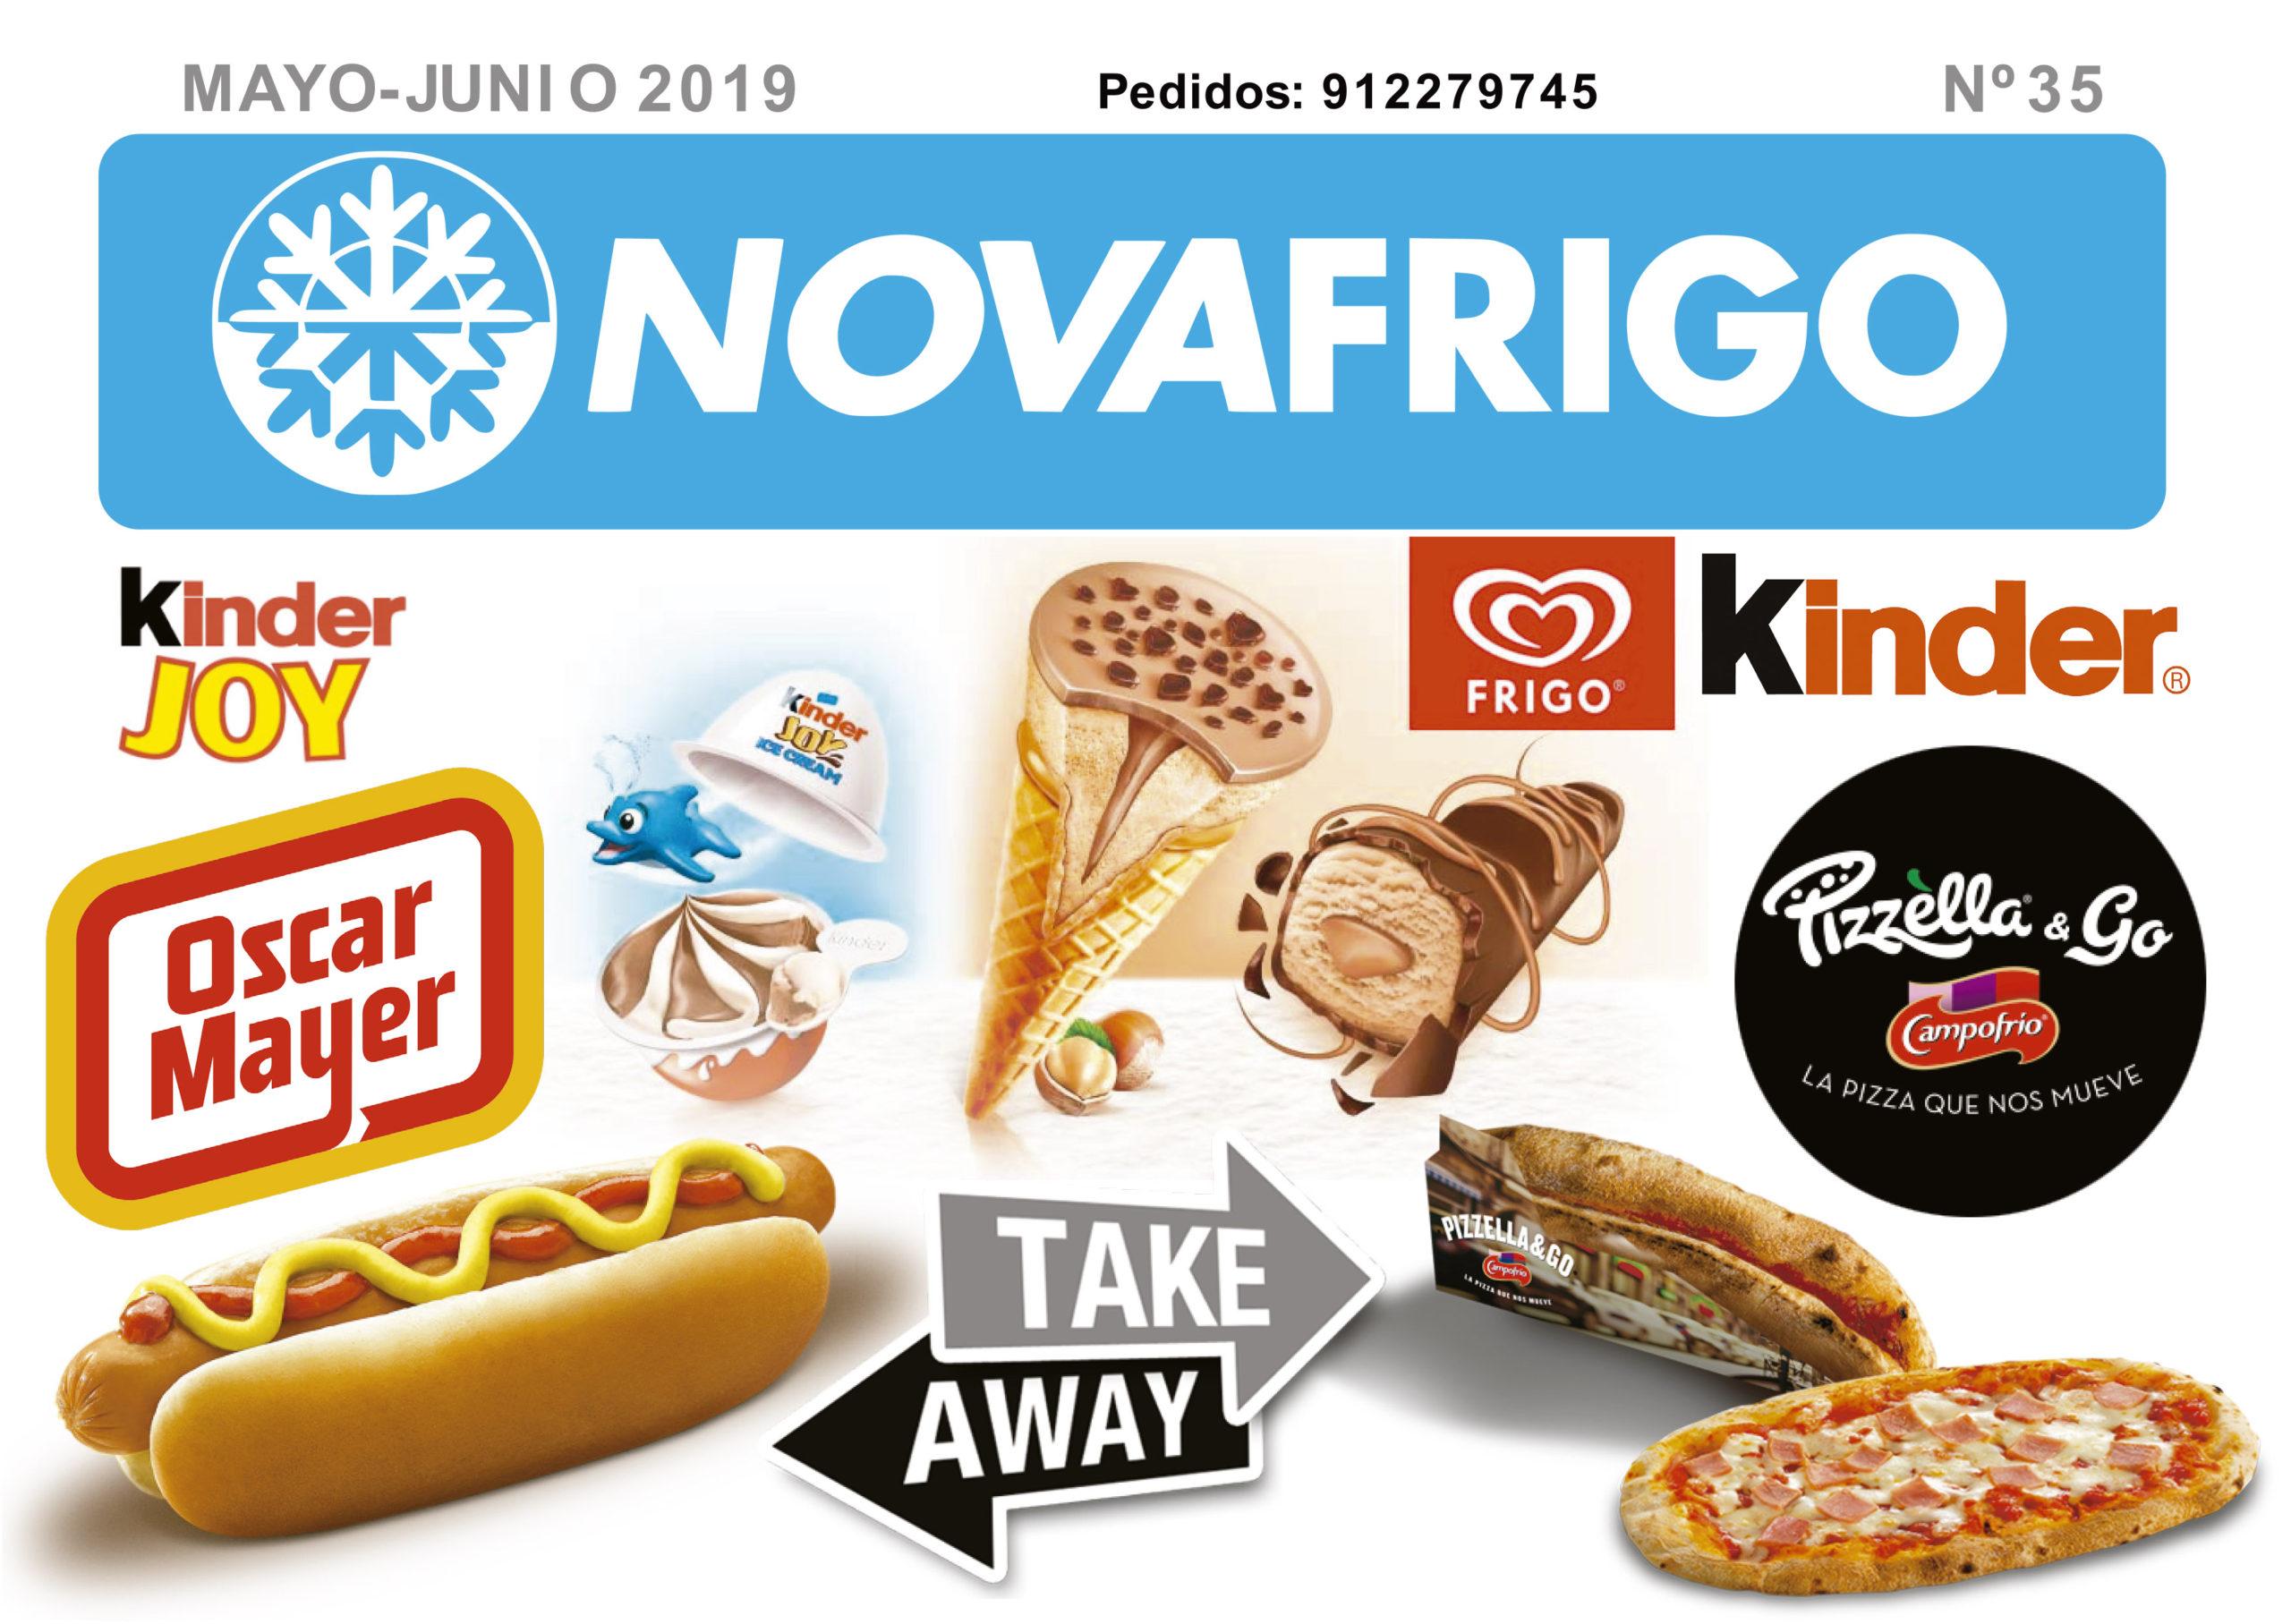 Catálogo comercial Novafrigo mayo-junio 2019